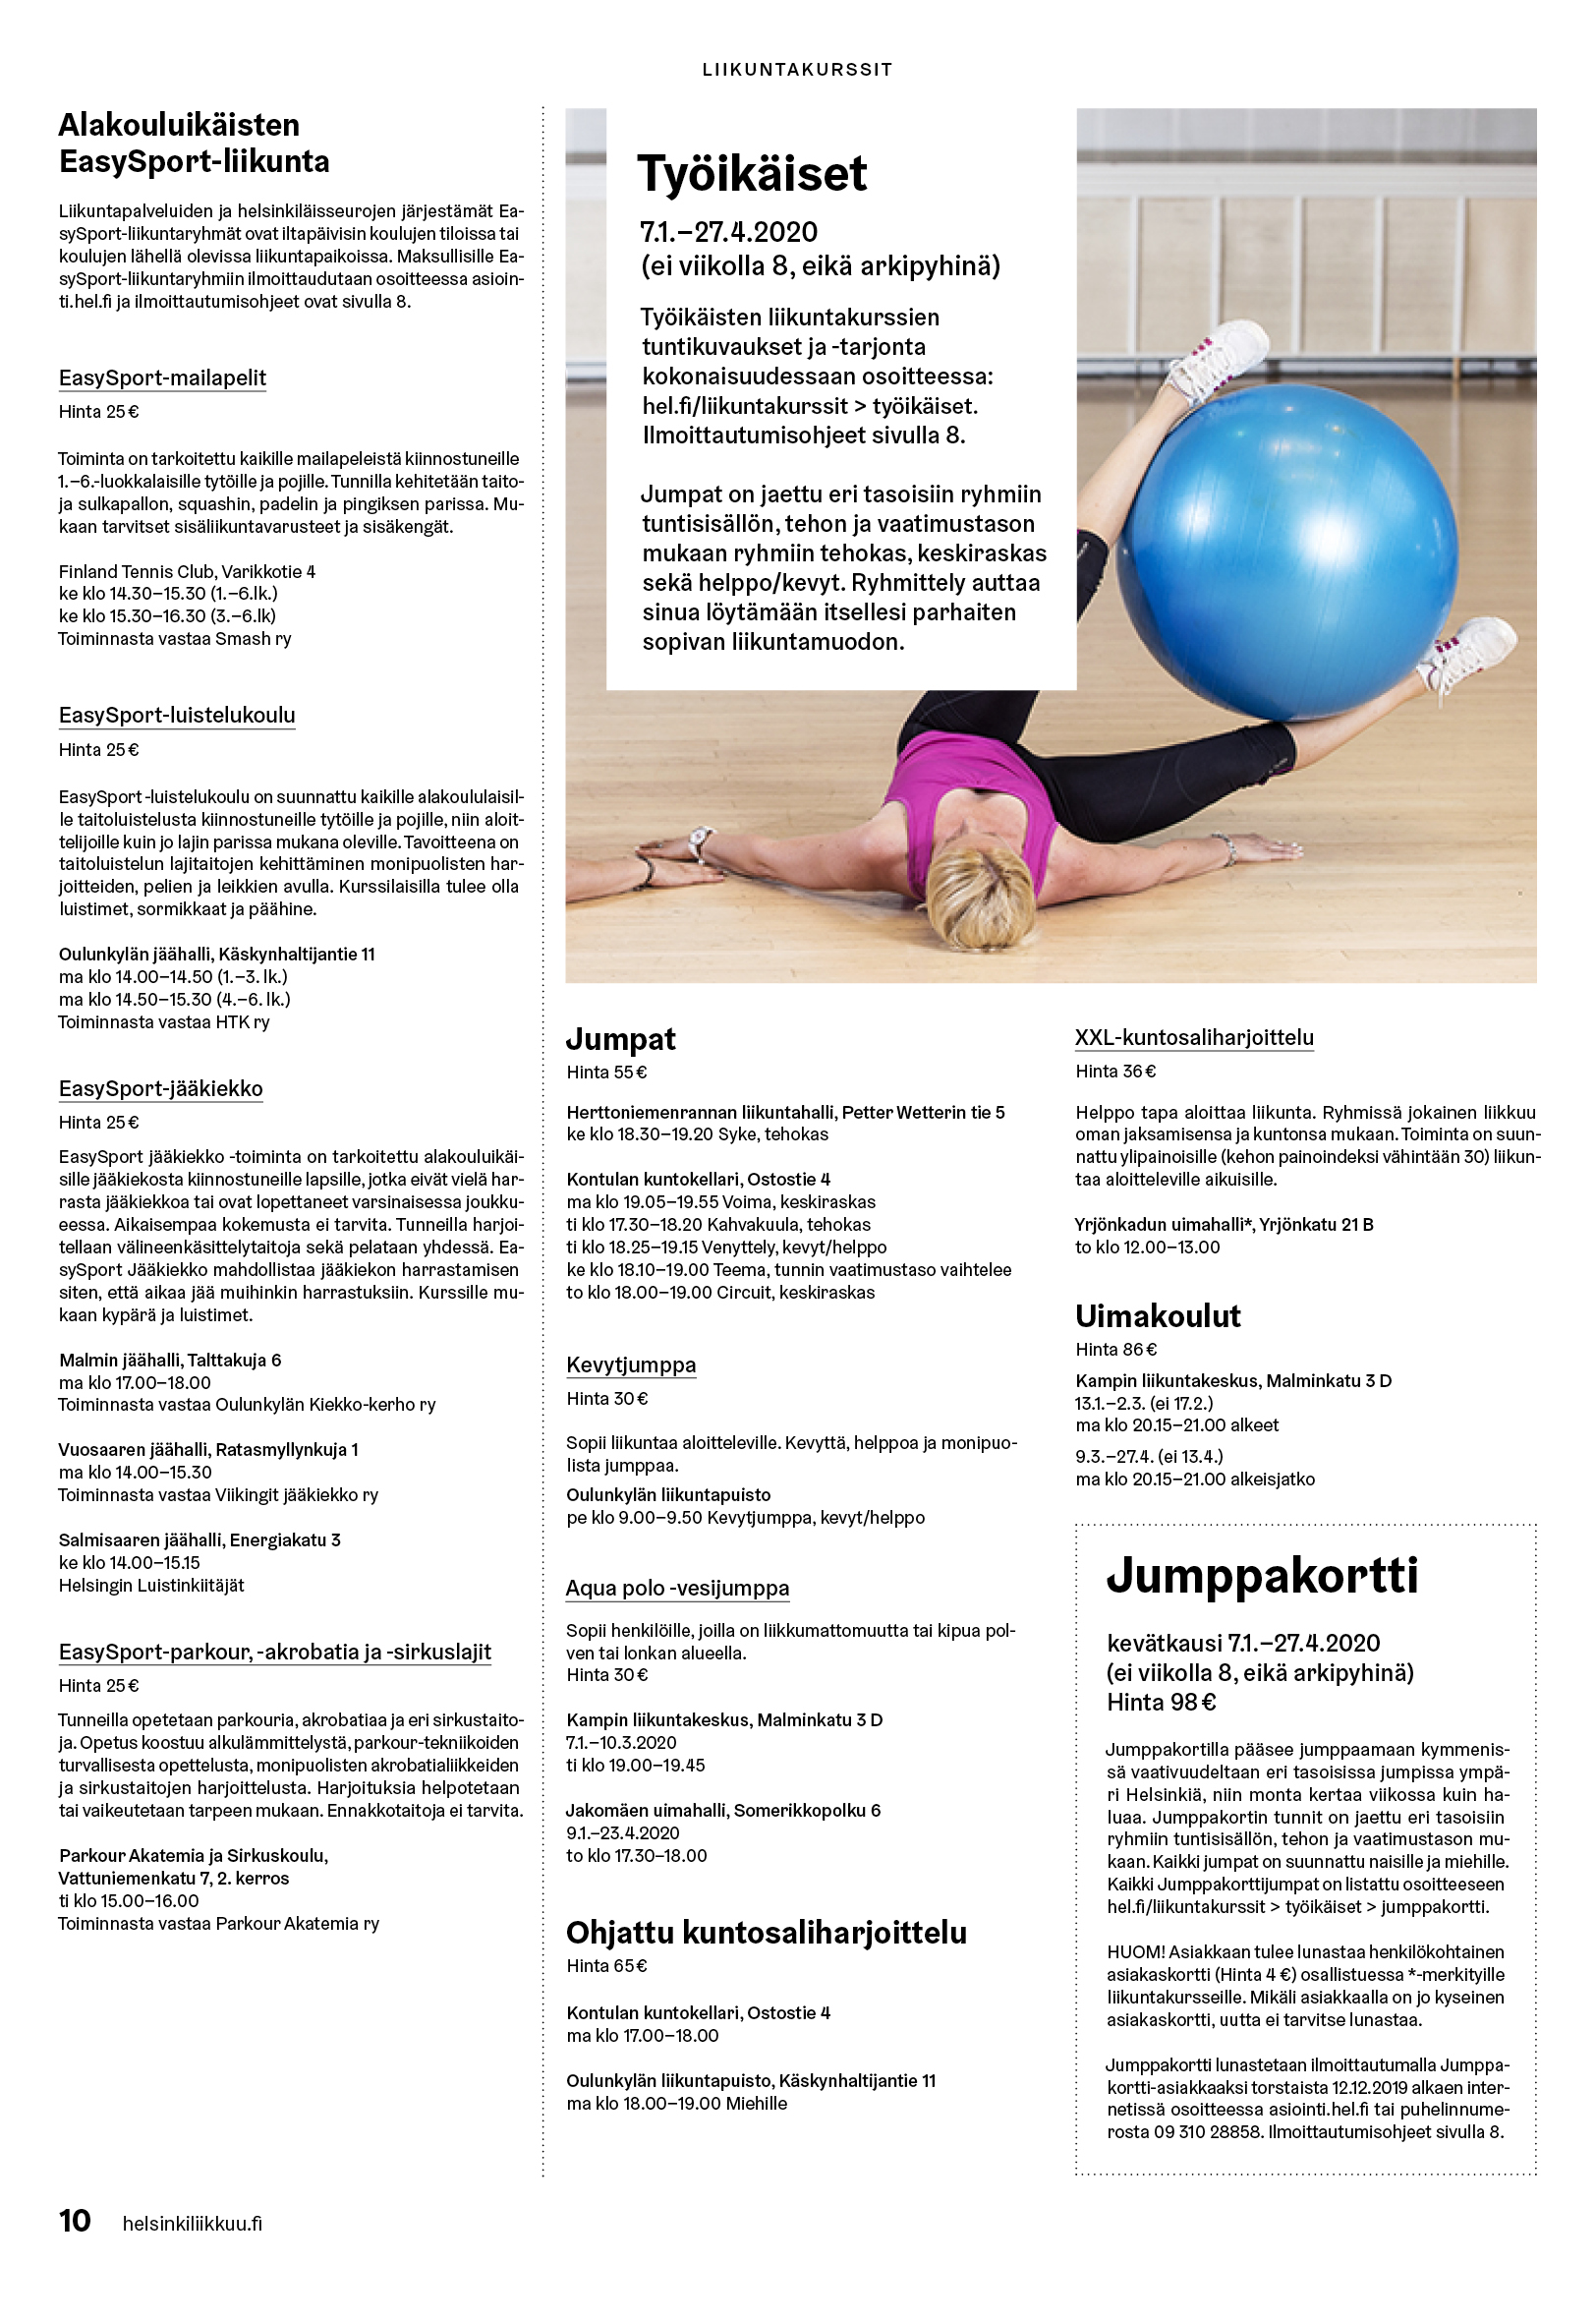 Helsingin_Uutiset_liikuntapalveluiden_kevatesite_2020_netti_sivuittain_150ppi10